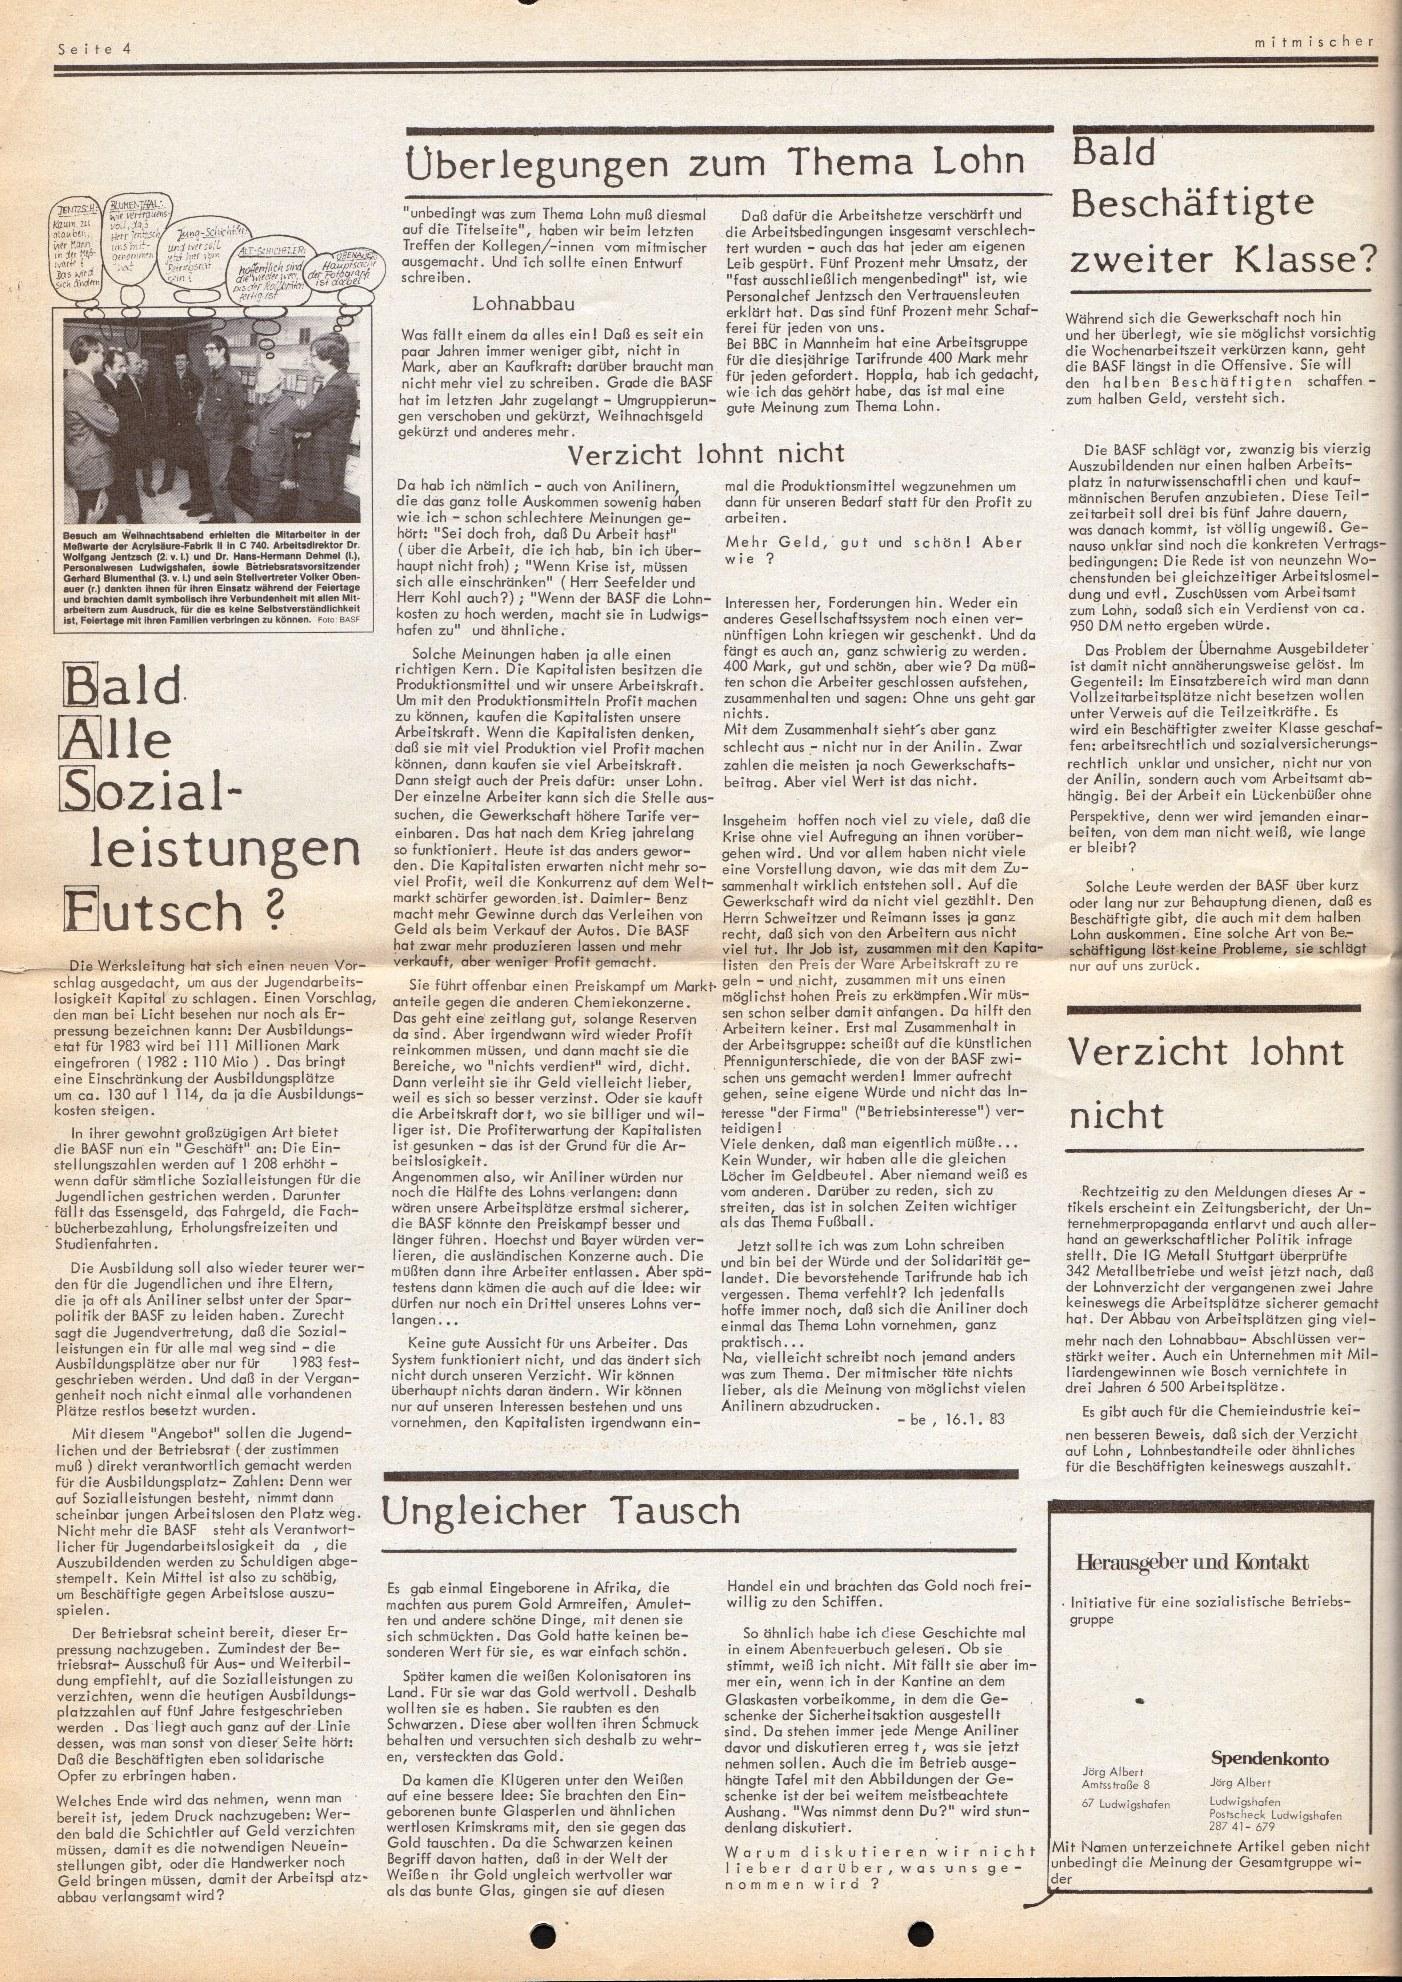 Ludwigshafen_Mitmischer_1983_15_04